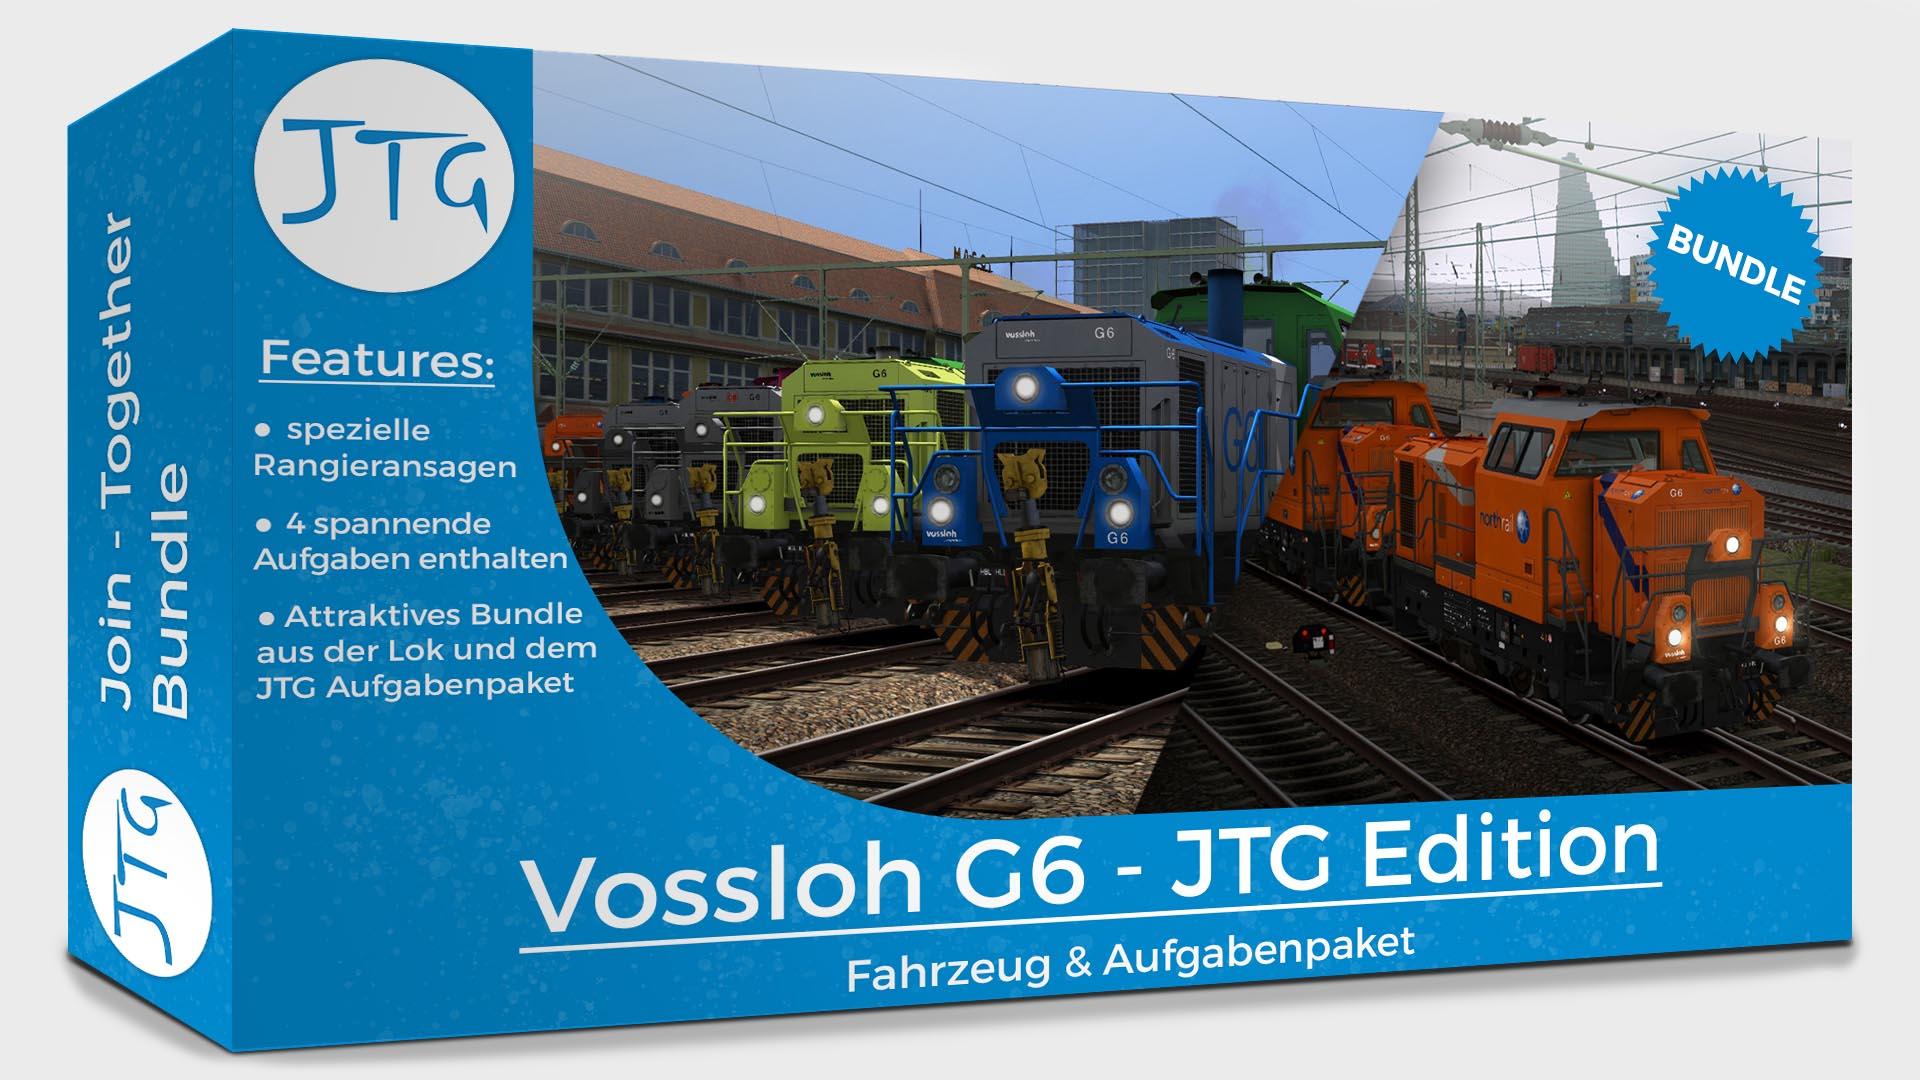 Vossloh G6 JTG Edition